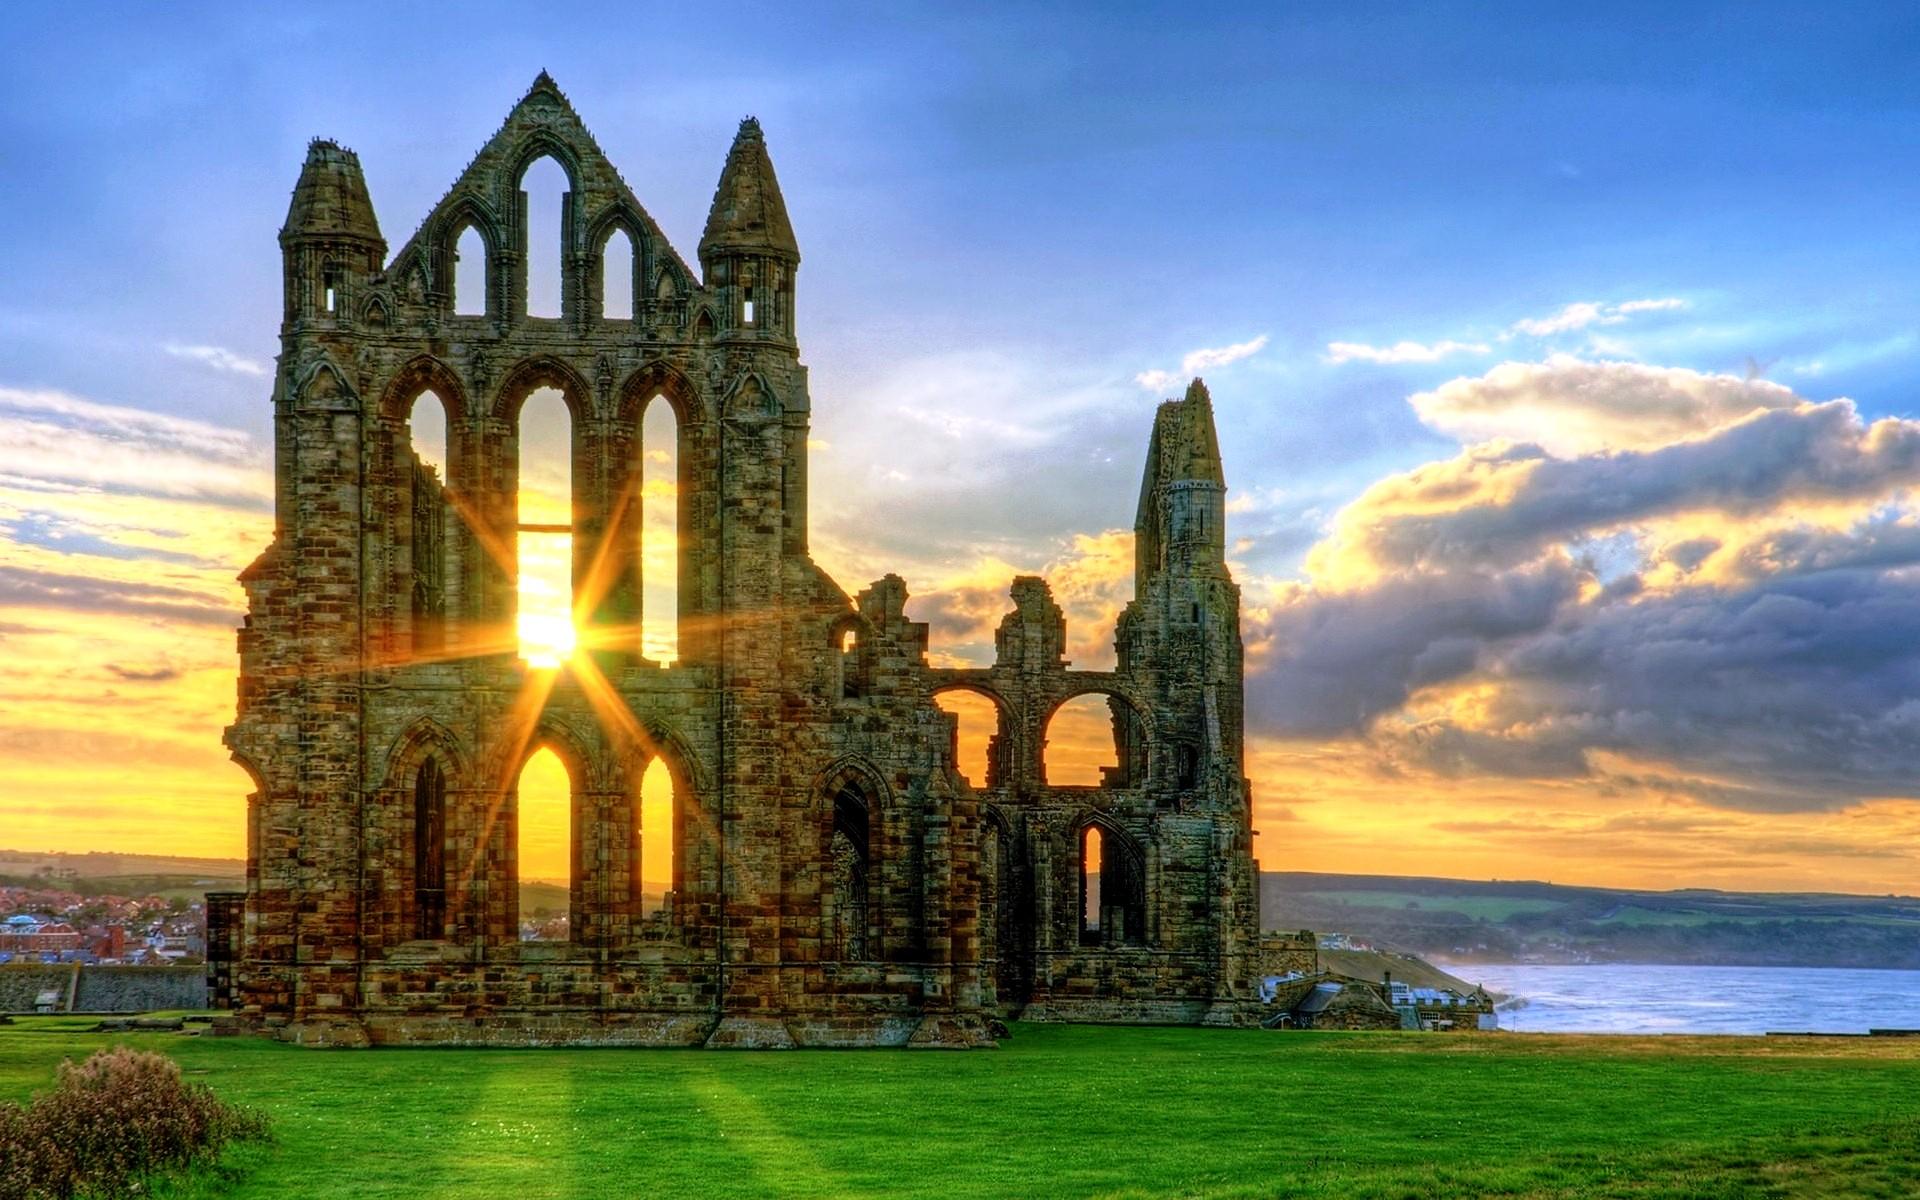 закат в аббатстве Уитби